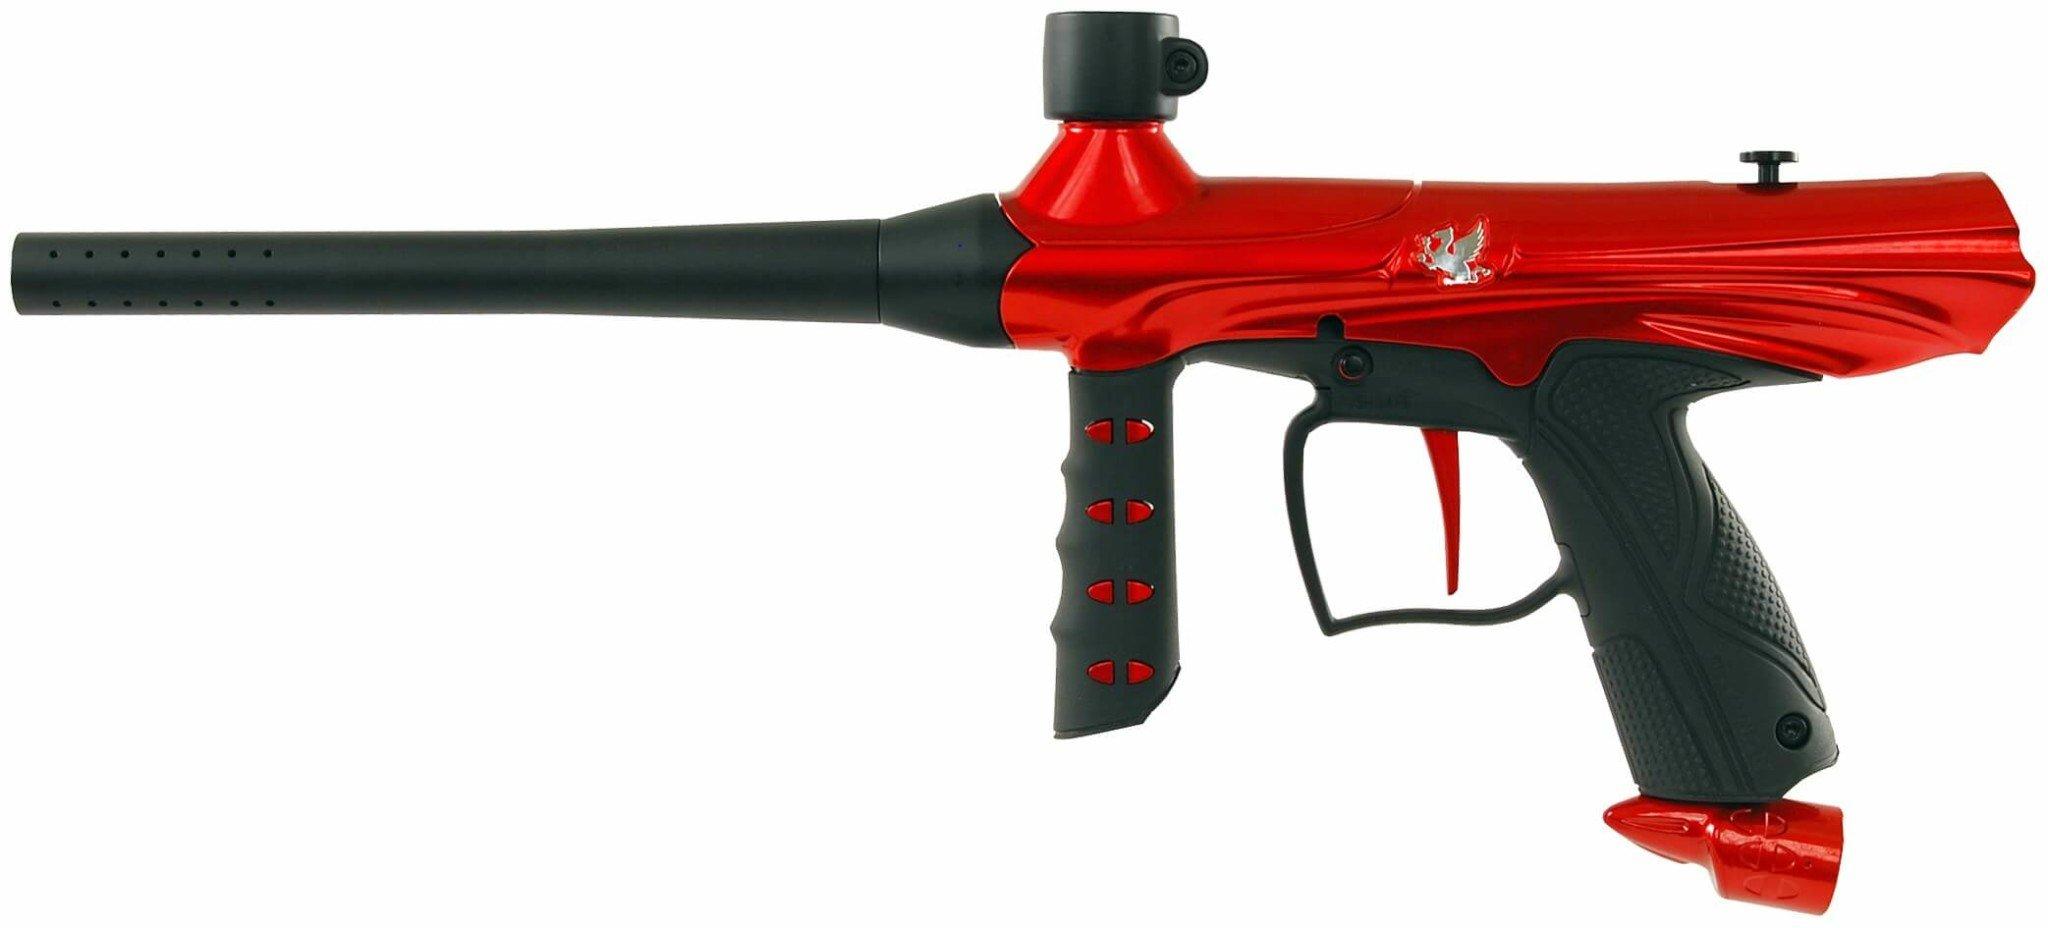 tippmann_gryphon_paintball_gun_red